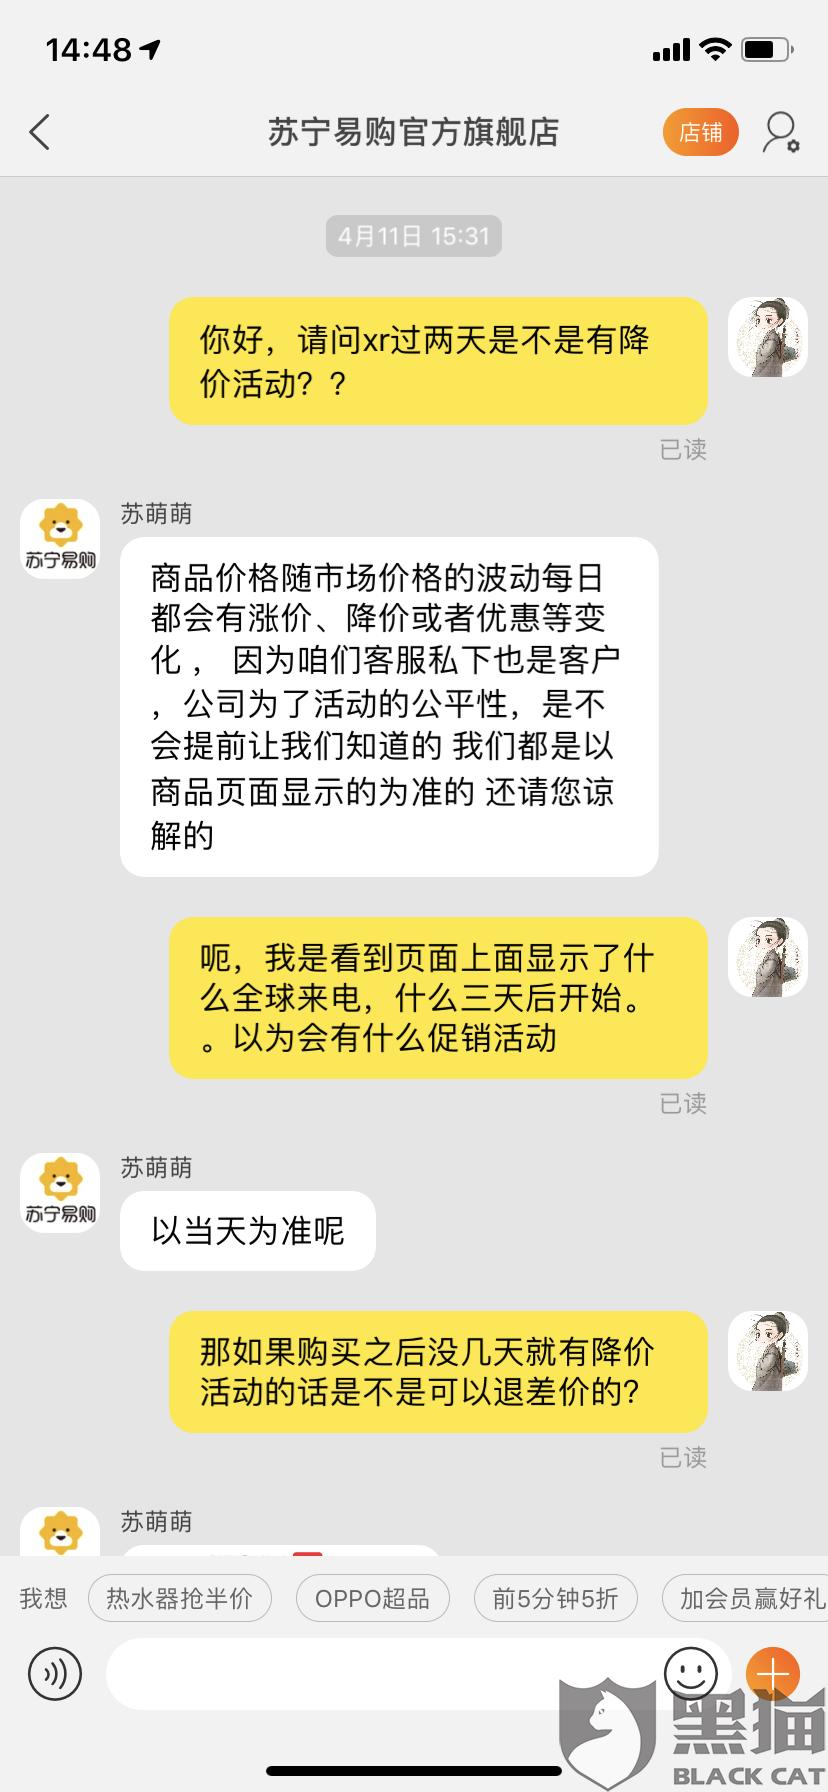 黑猫投诉:天猫苏宁易购旗舰店贵就赔服务为霸王条款(已解决)